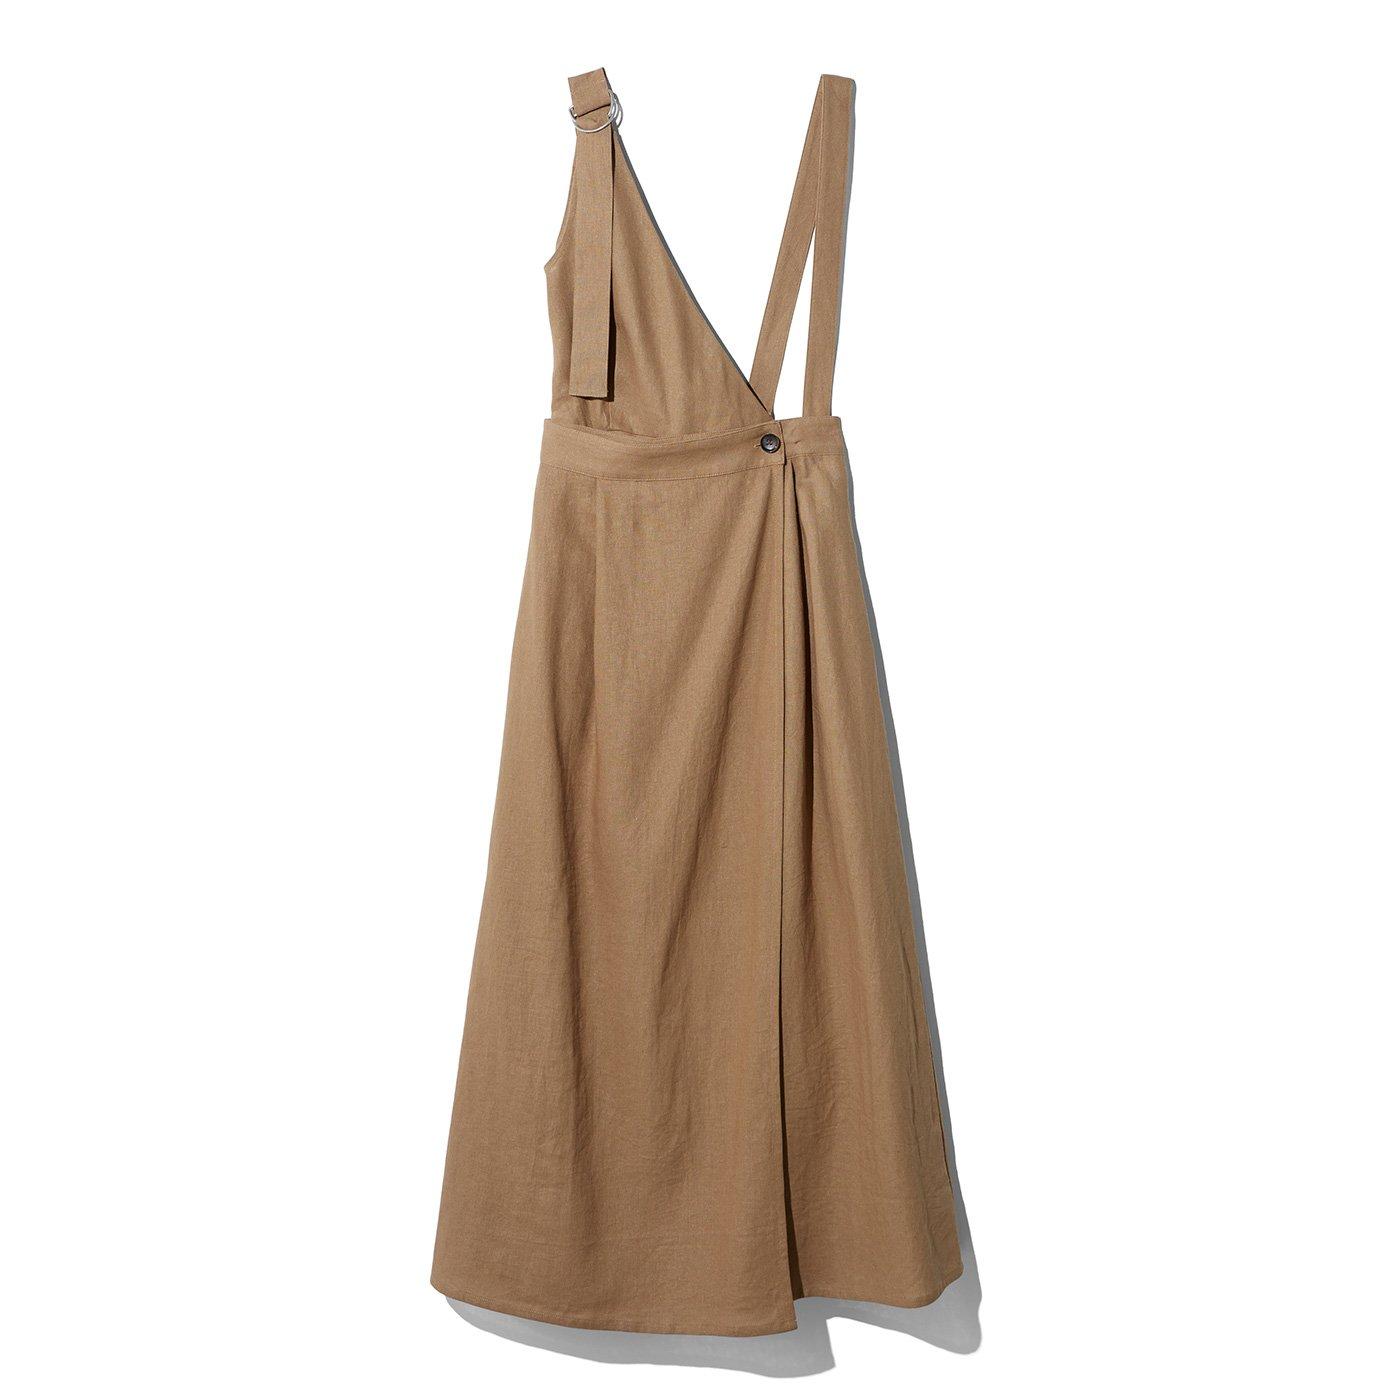 MEDE19F アシメデザイン 2ウェイジャンパースカート〈ベージュ〉